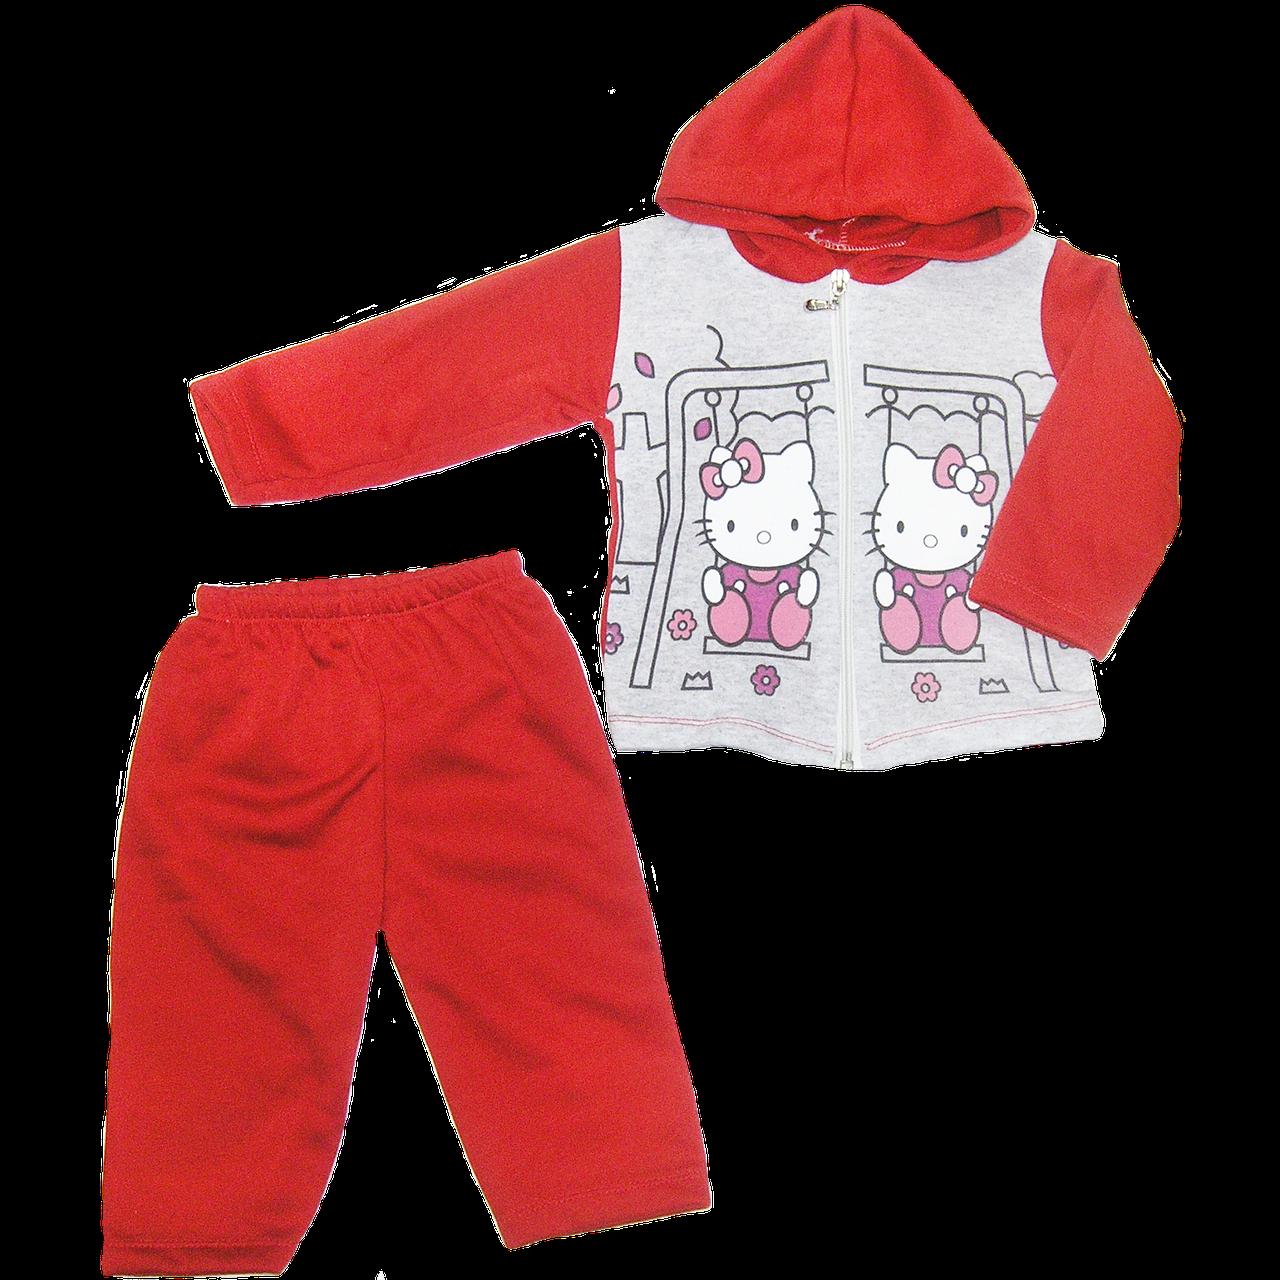 7cfdee7f Детский спортивный костюм (теплый) р 80-86: кофта на